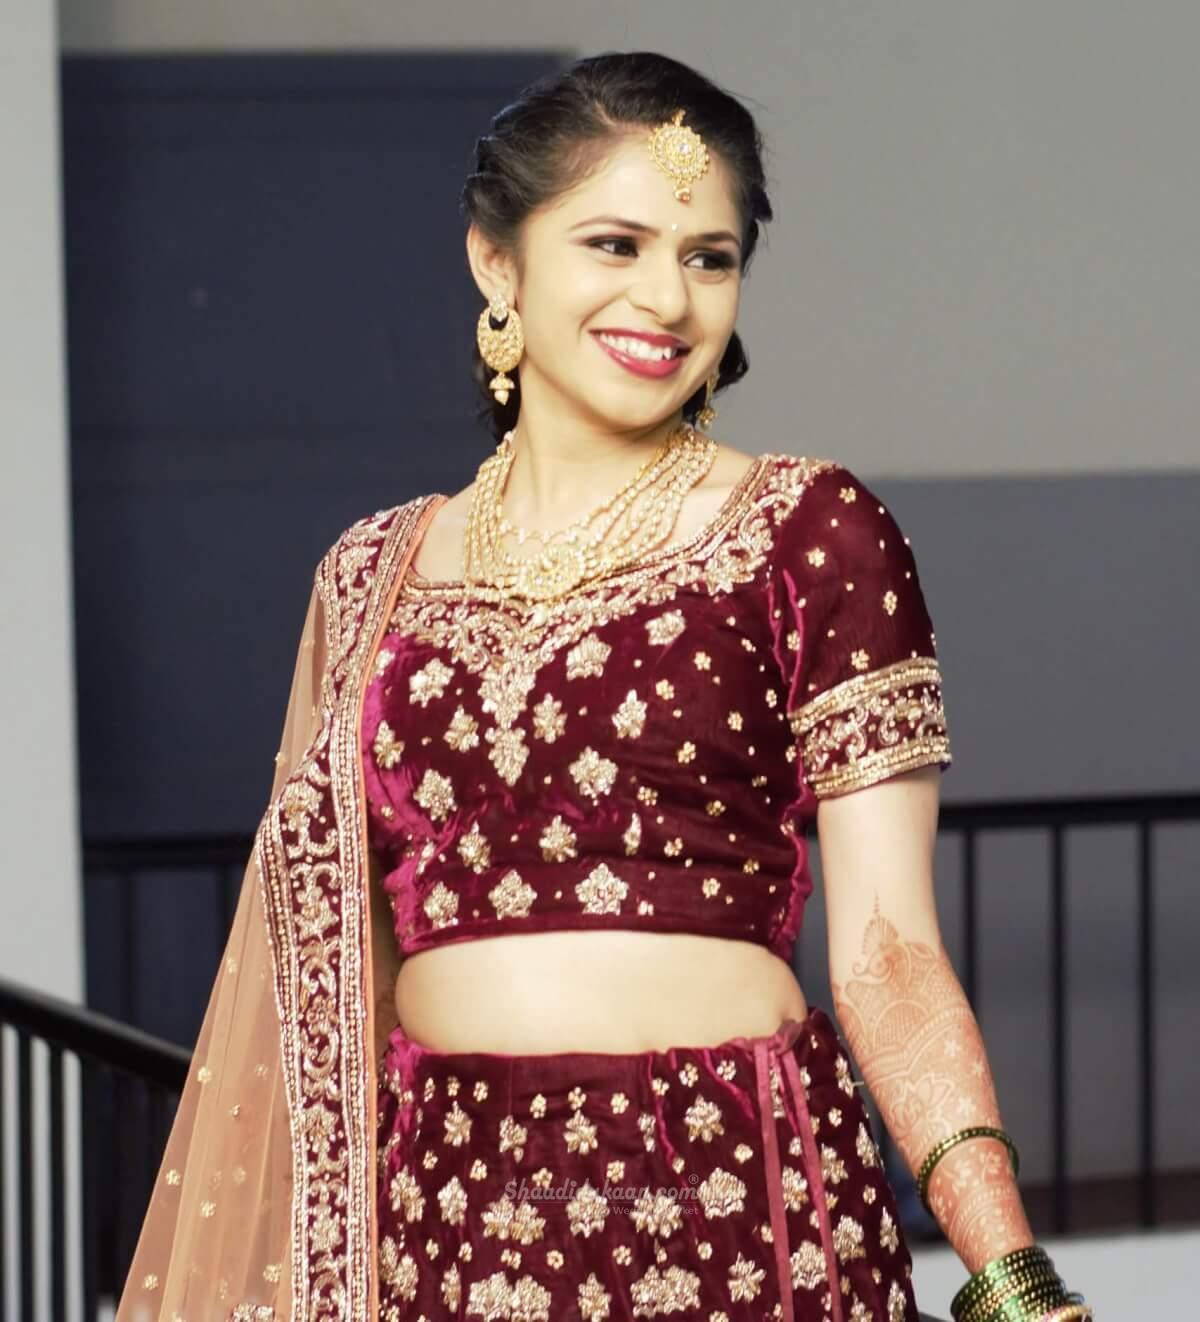 Makeup & Hair By Ashwini Sharath Prasha